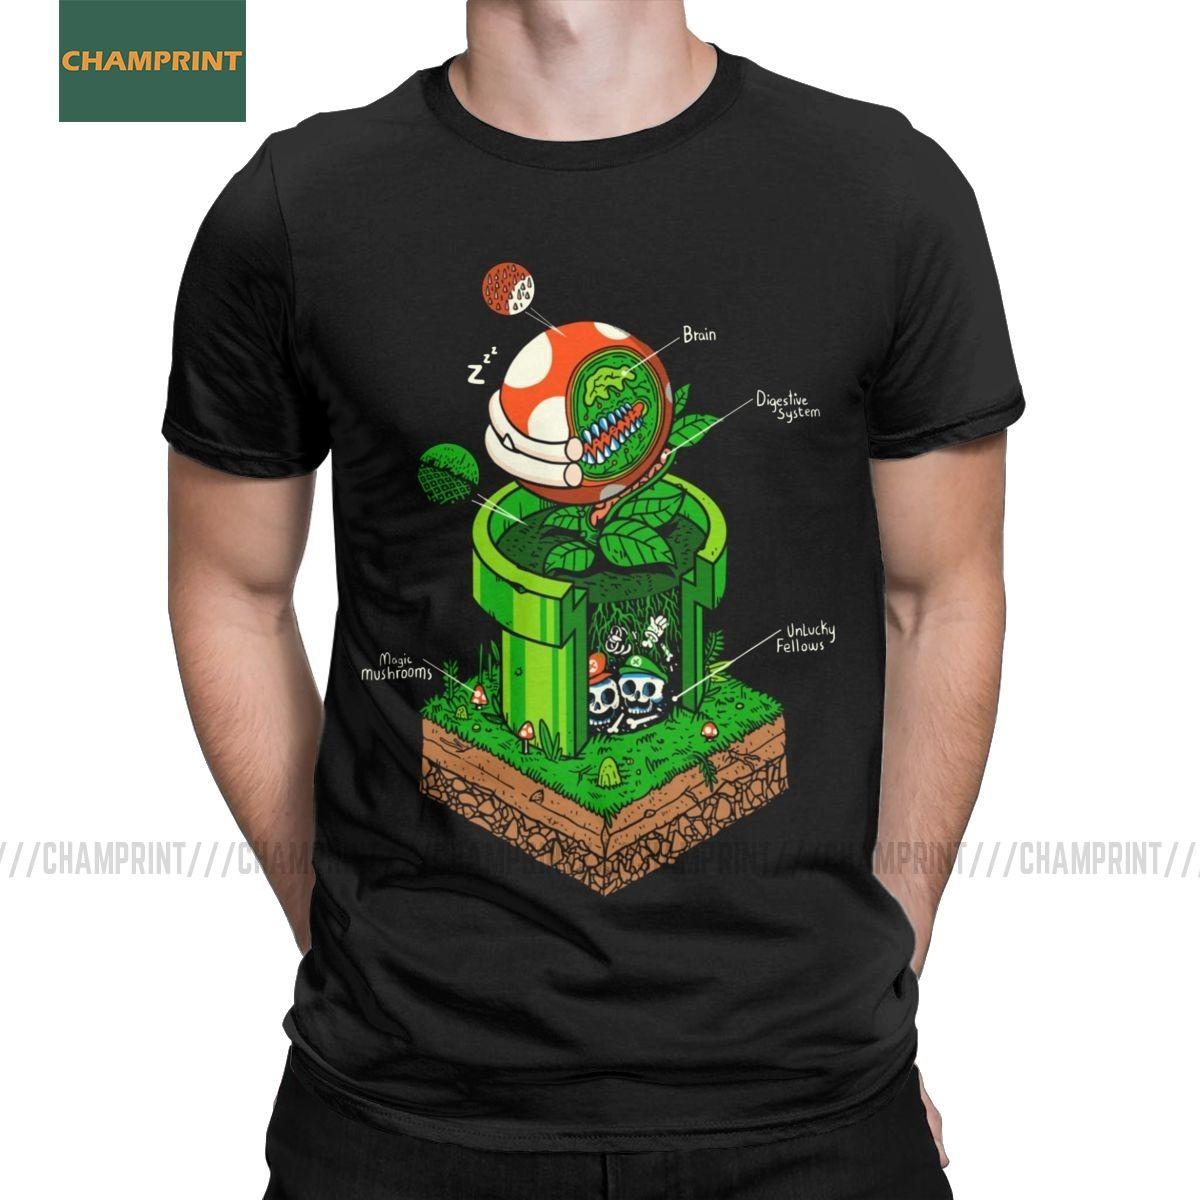 -1up Super Mario camiseta de los hombres de 100% algodón camiseta Bros videojuegos Mashup de hongos juego Camiseta de manga corta Tops gráfico